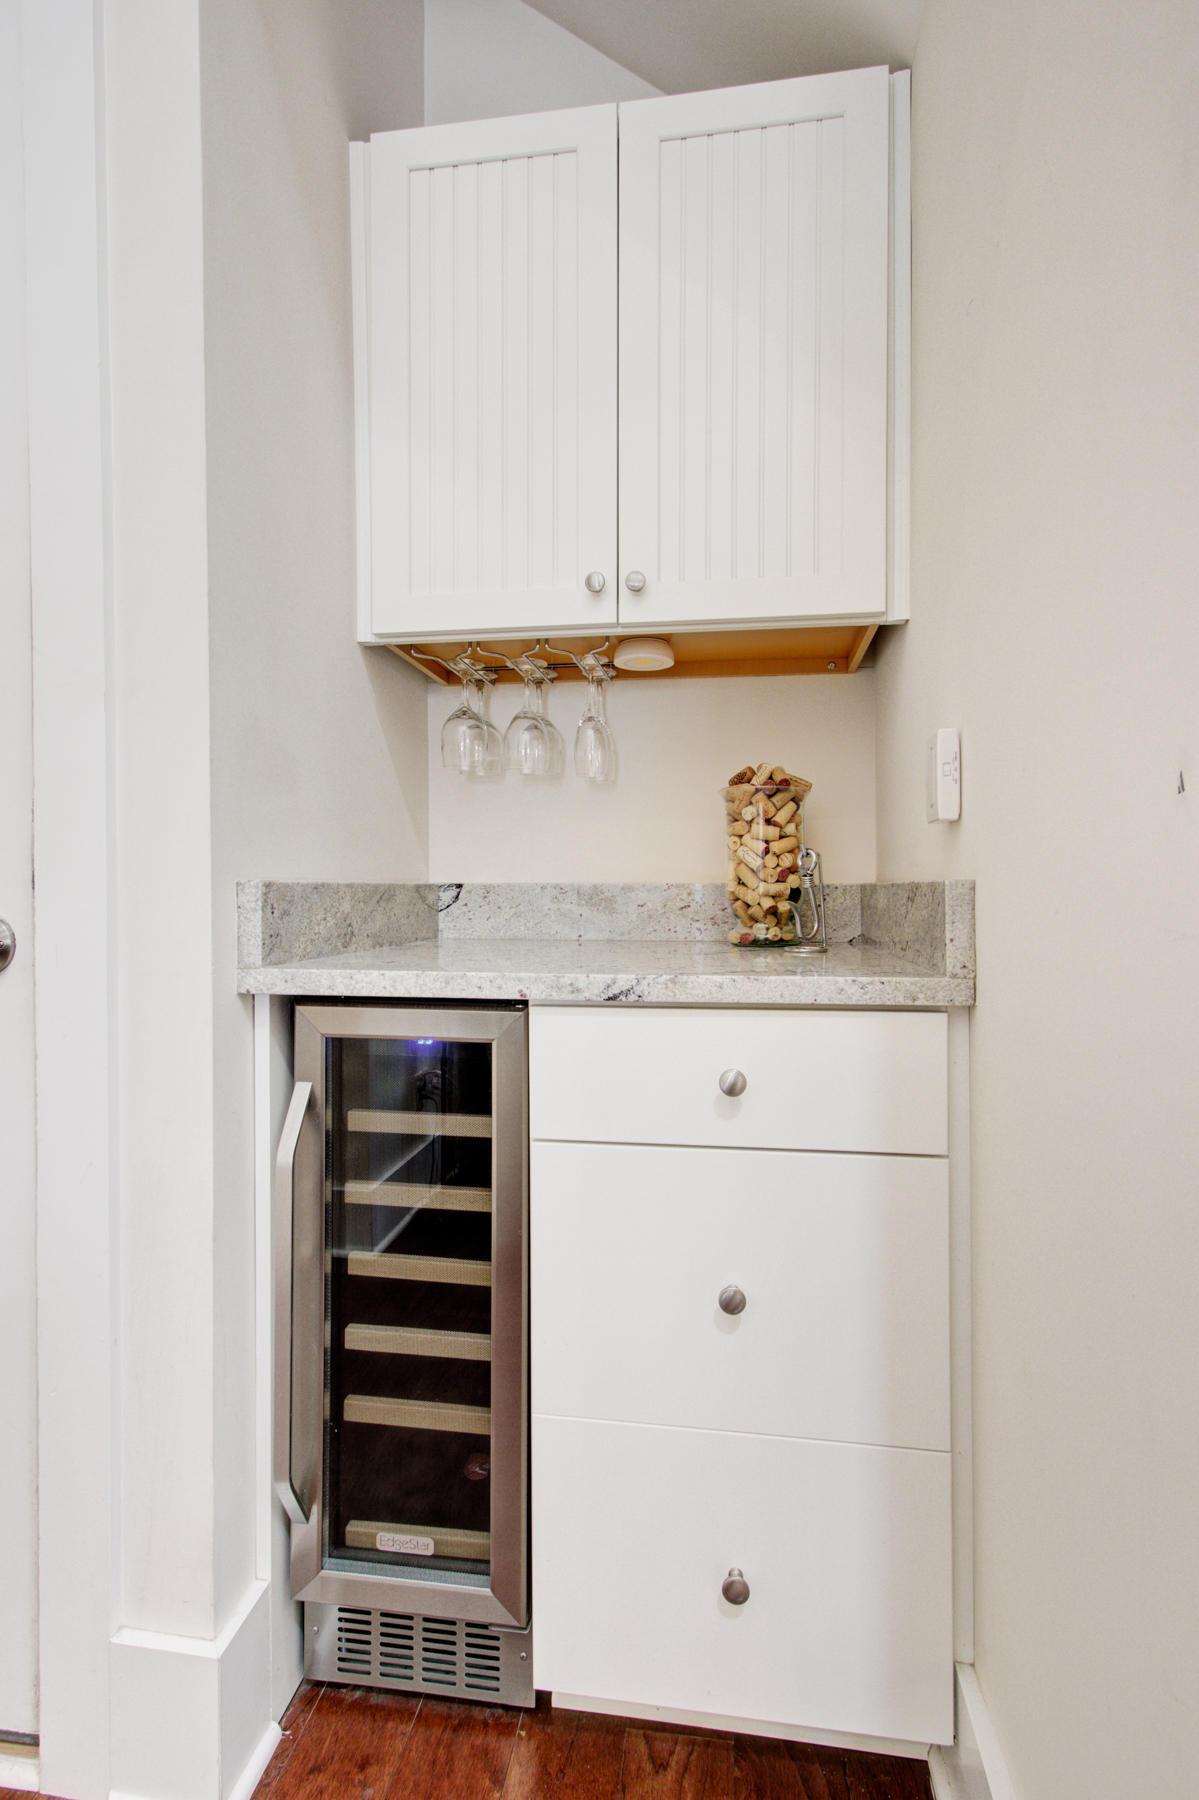 Moultrie Park Homes For Sale - 610 Ellingson, Mount Pleasant, SC - 15